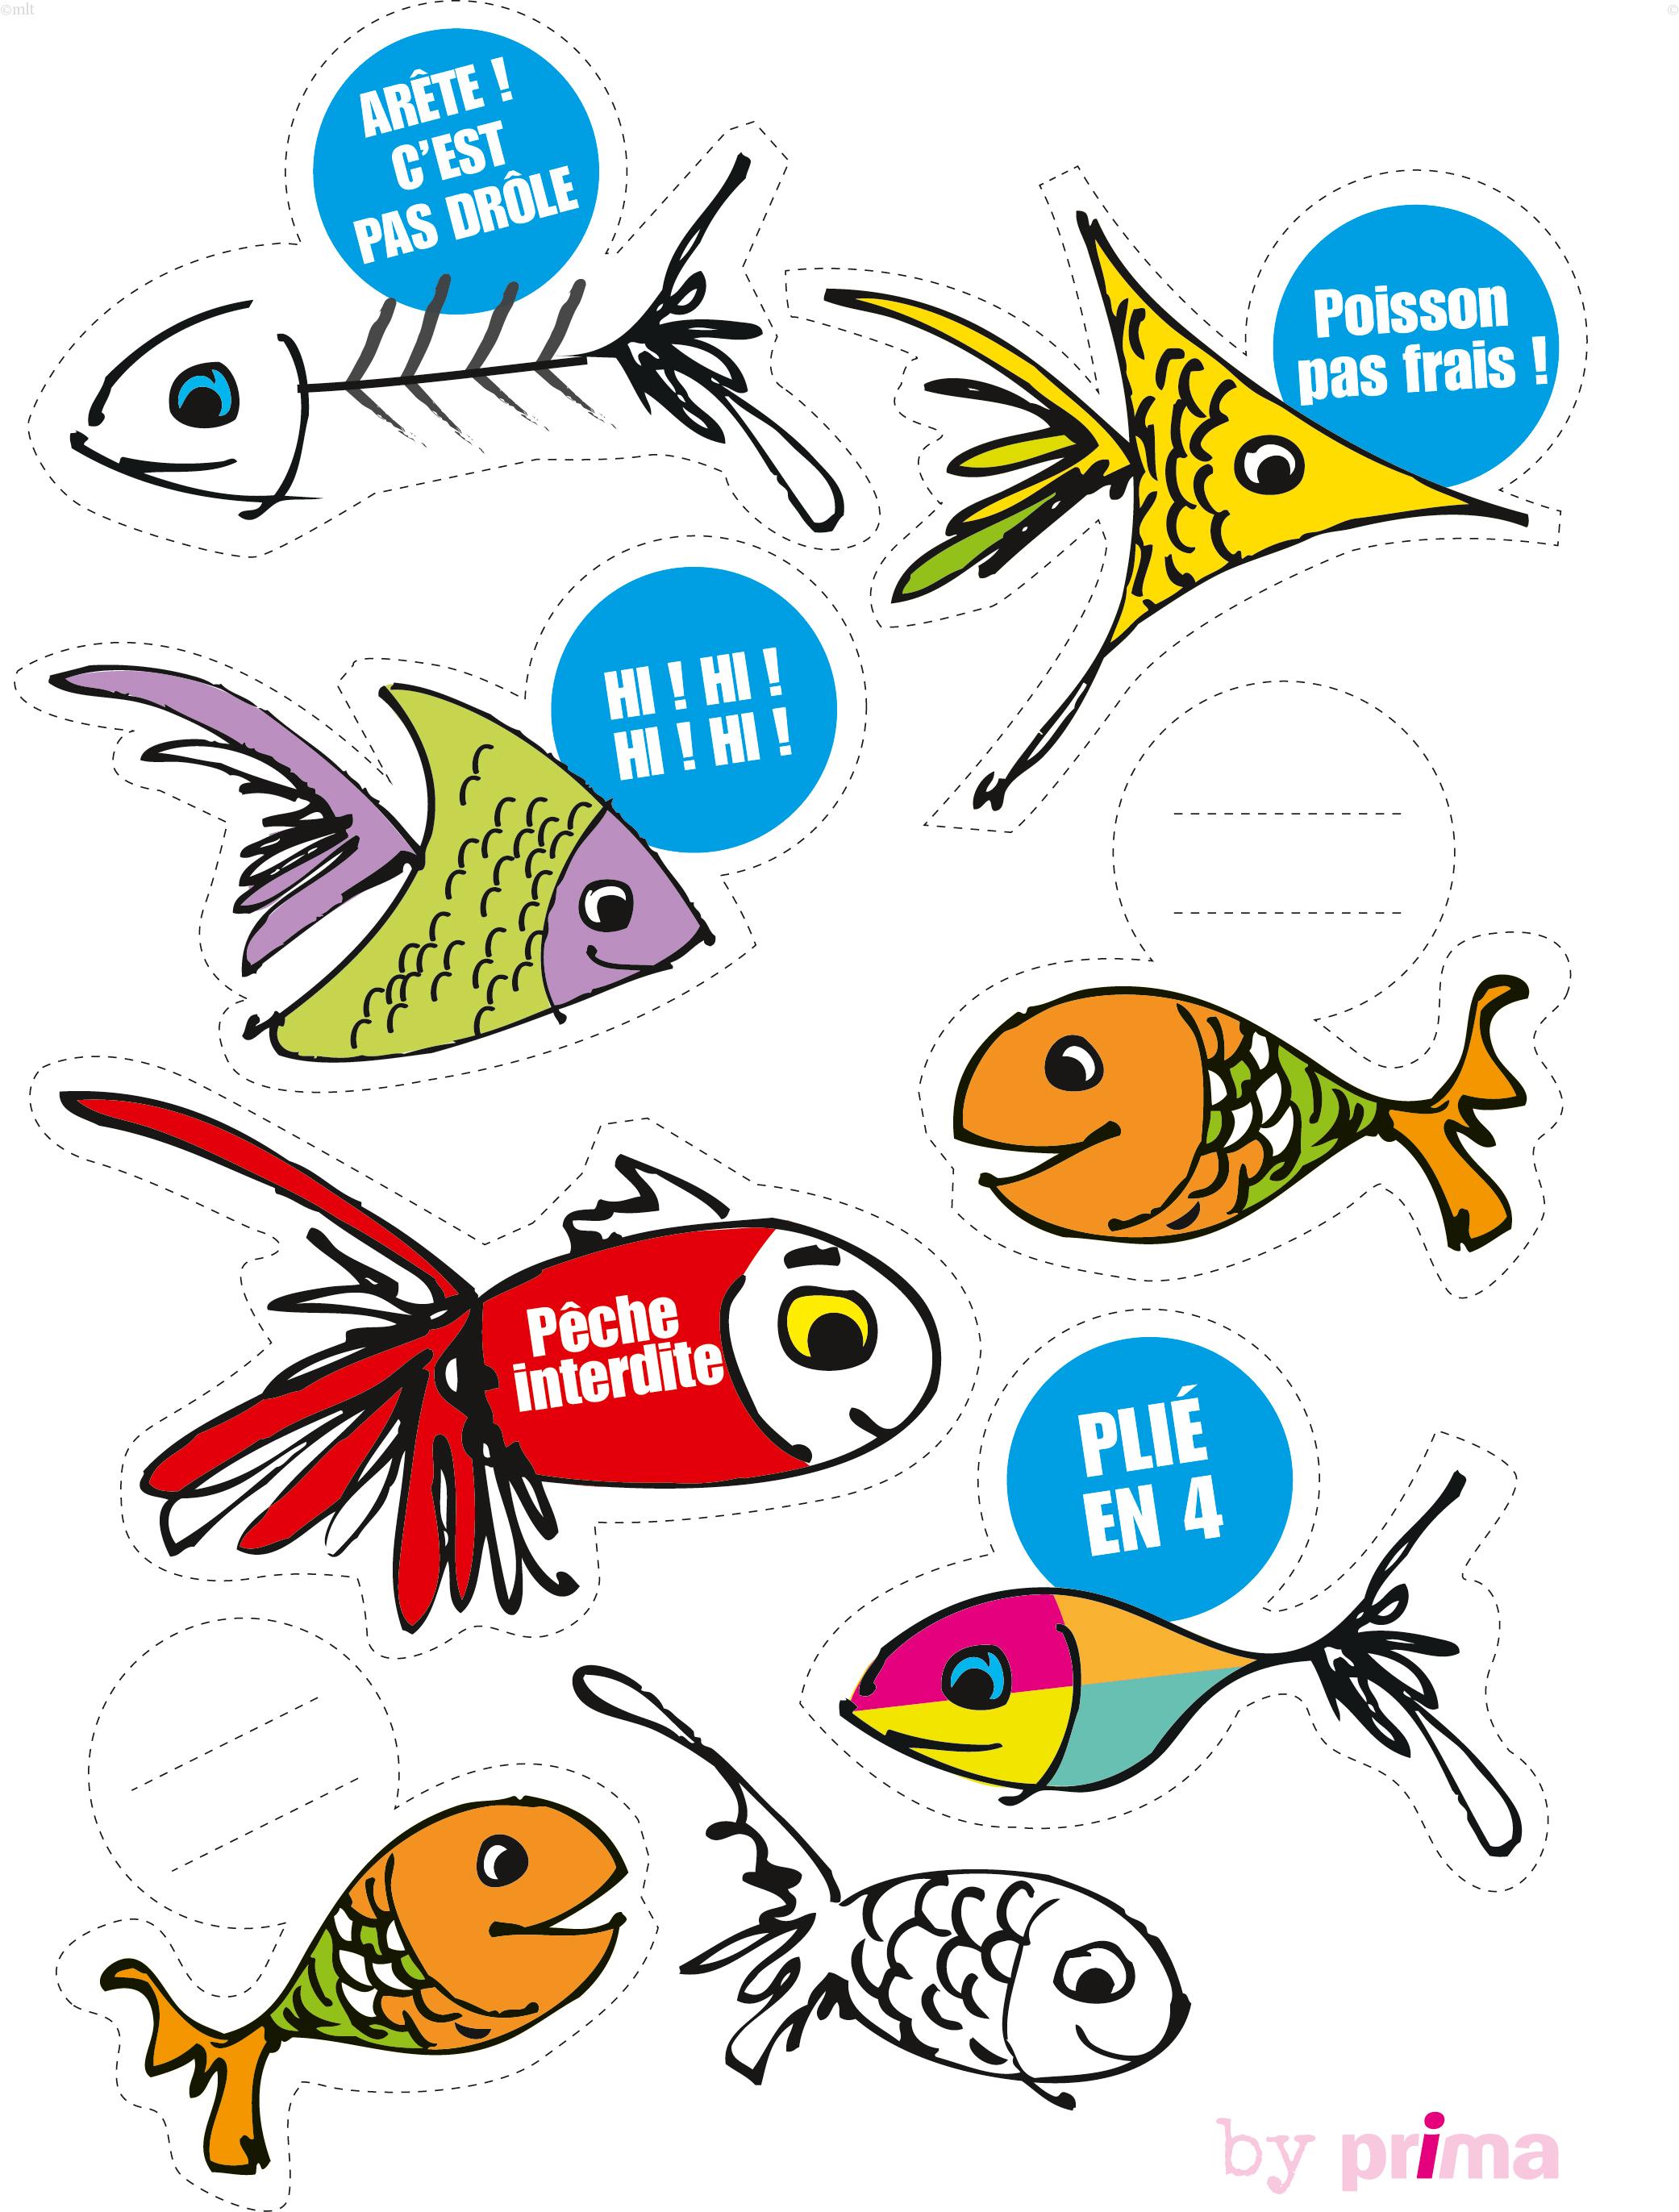 Des poissons d 39 avril imprimer femme actuelle le mag - Dessin poisson d avril rigolo ...